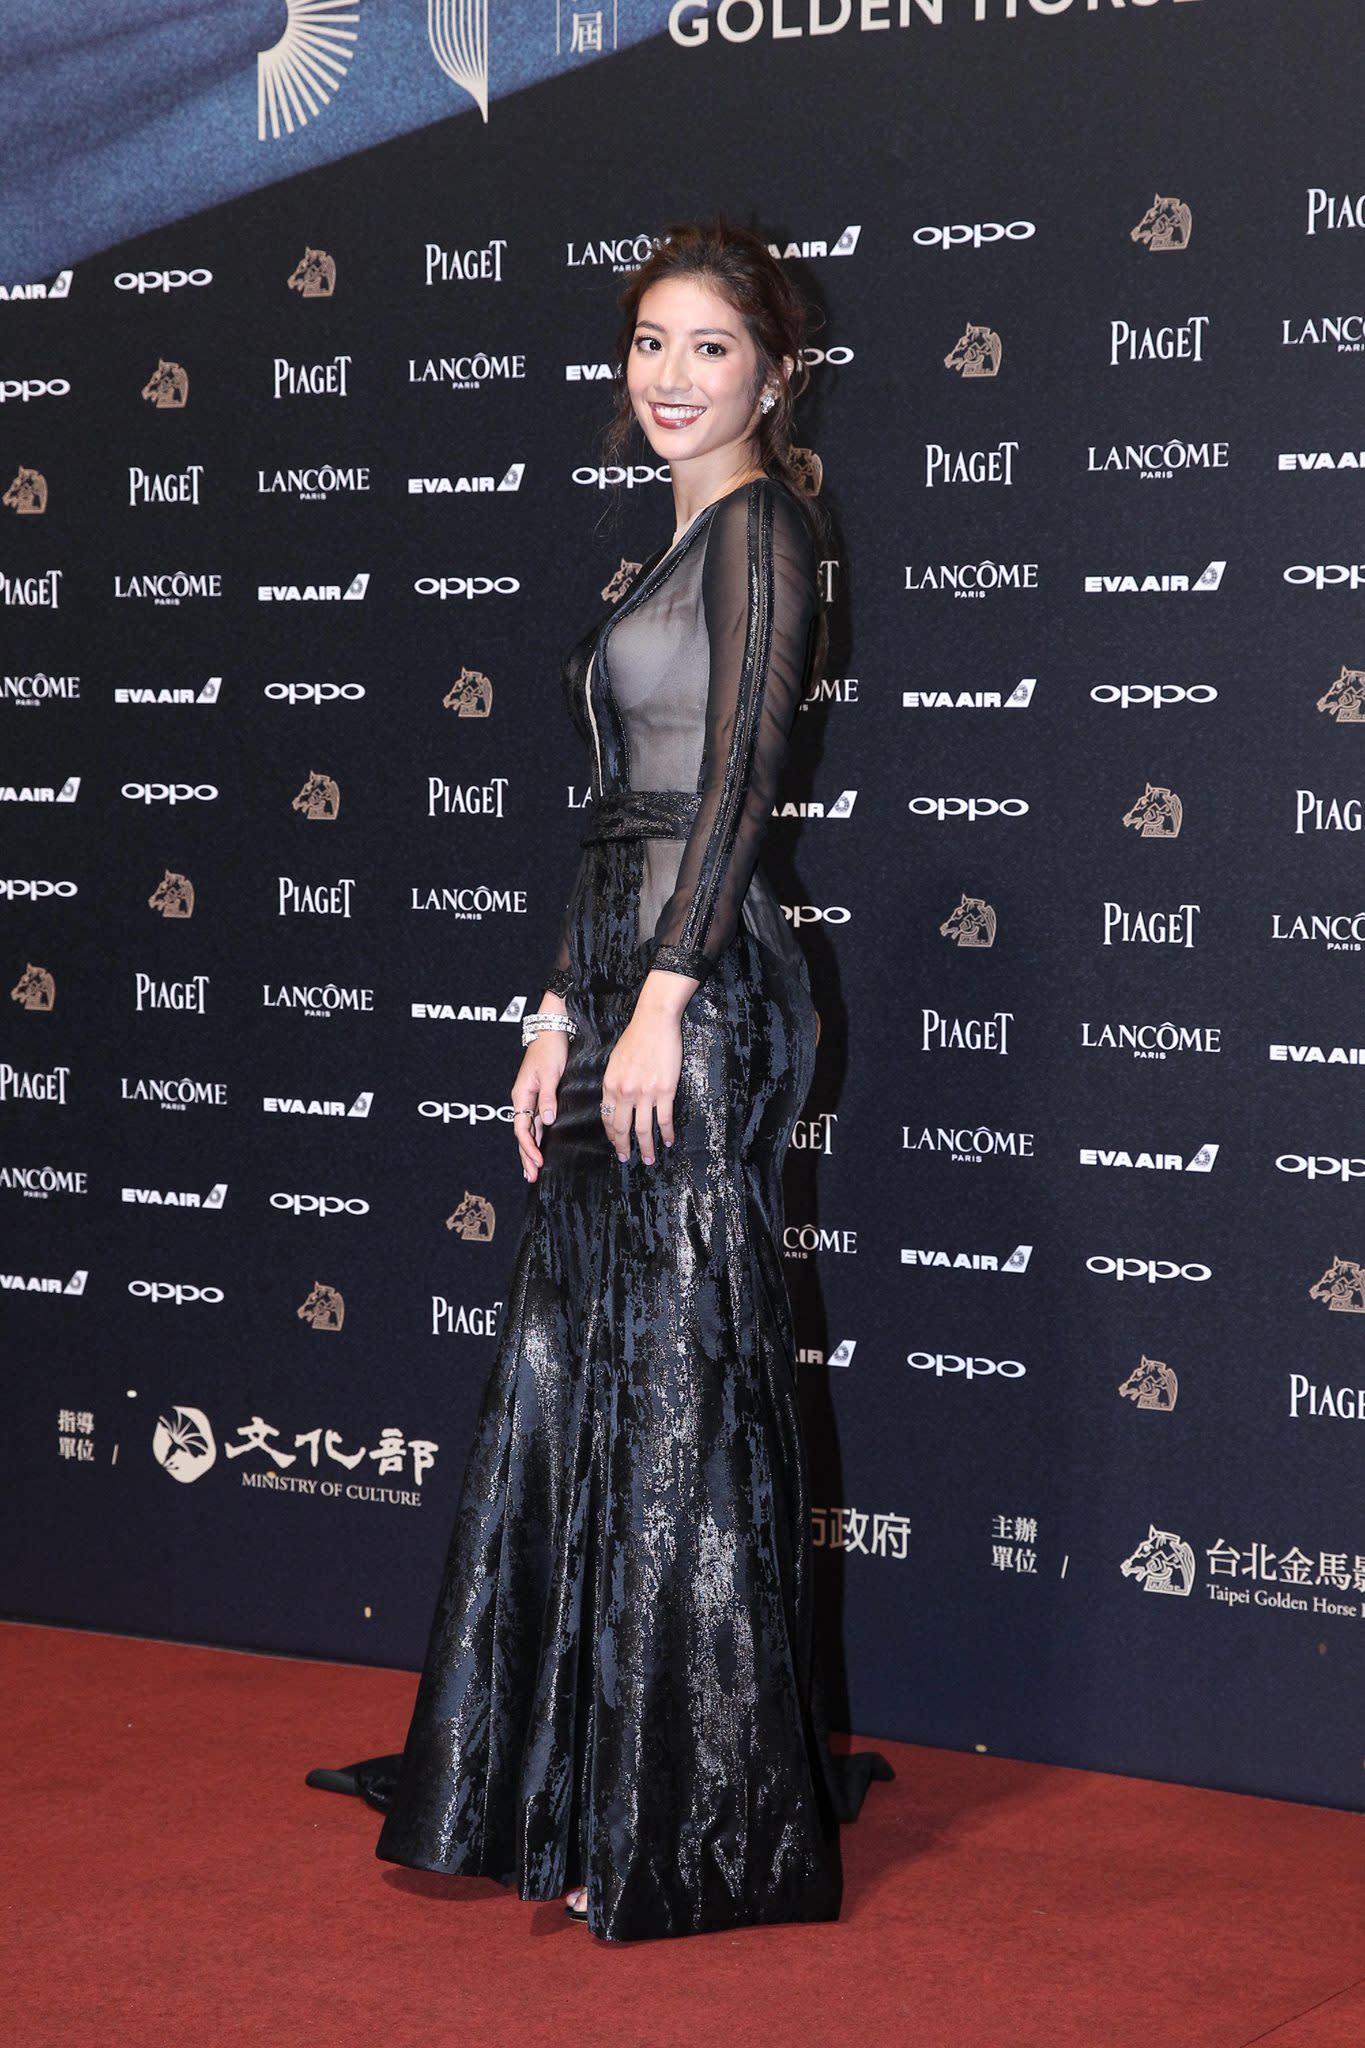 <p>台灣與黎巴嫩裔混血兒瑞瑪席丹,以電影《強尼‧凱克》入圍並獲得金馬最佳新人獎。本來就身材姣好的她,穿著火辣的深V性感剪裁透夫材質禮服,完全辣翻紅毯(達志影像) </p>